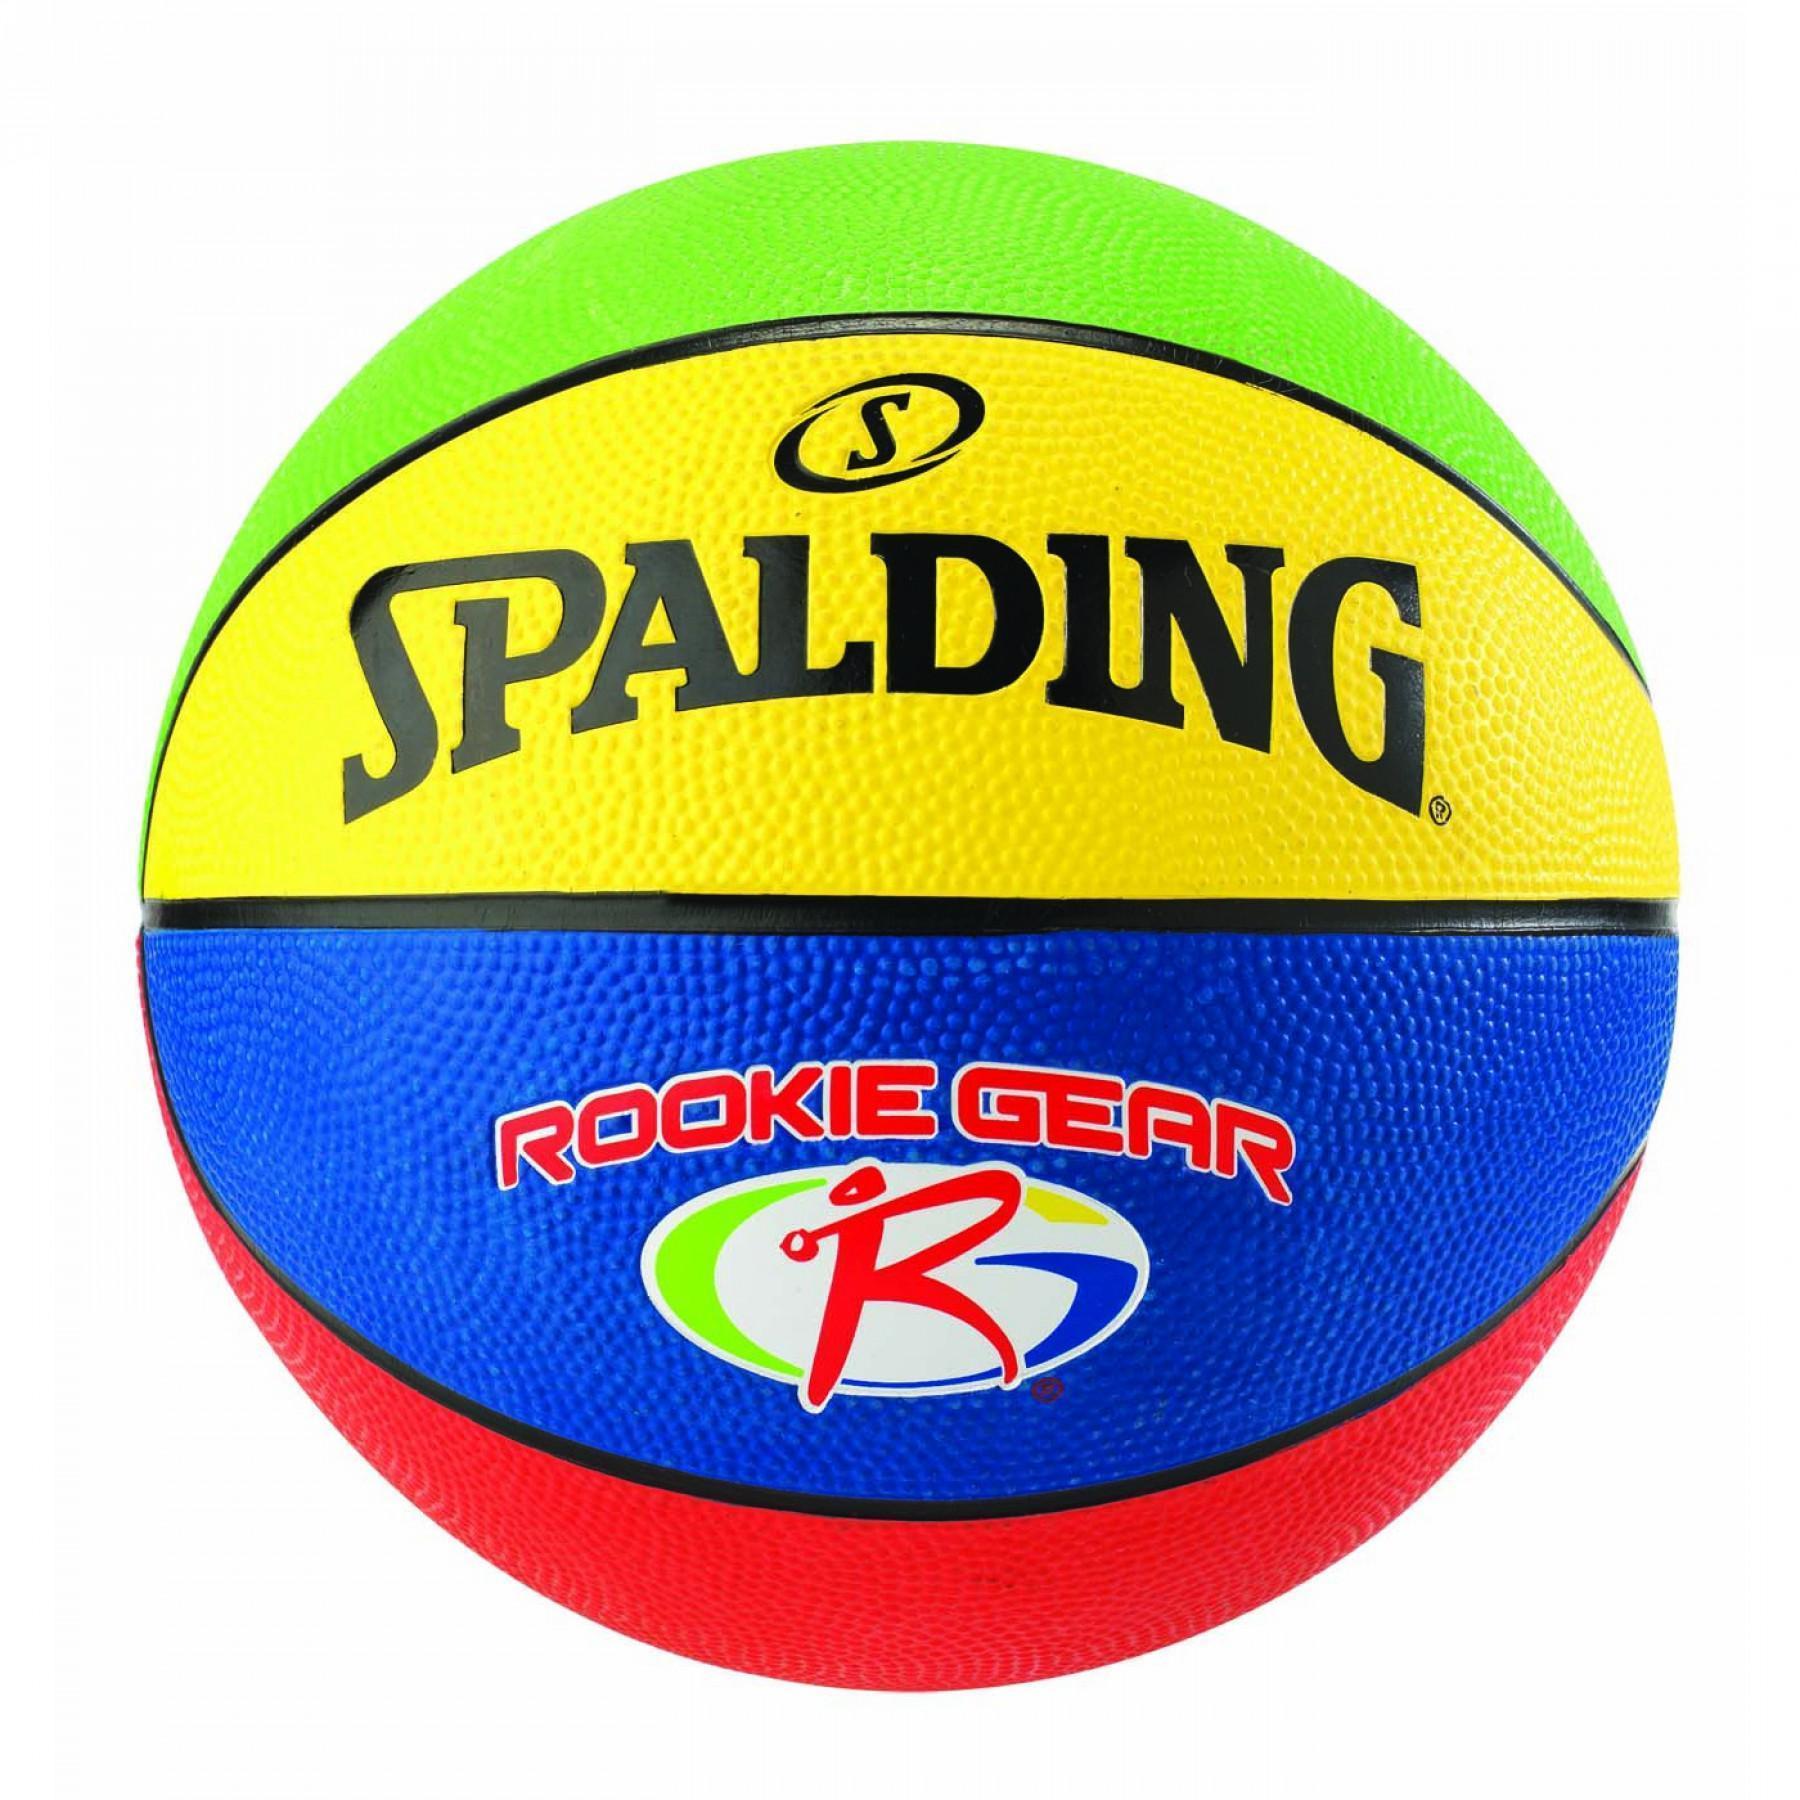 Children's ball Spalding NBA Rookie Gear Out